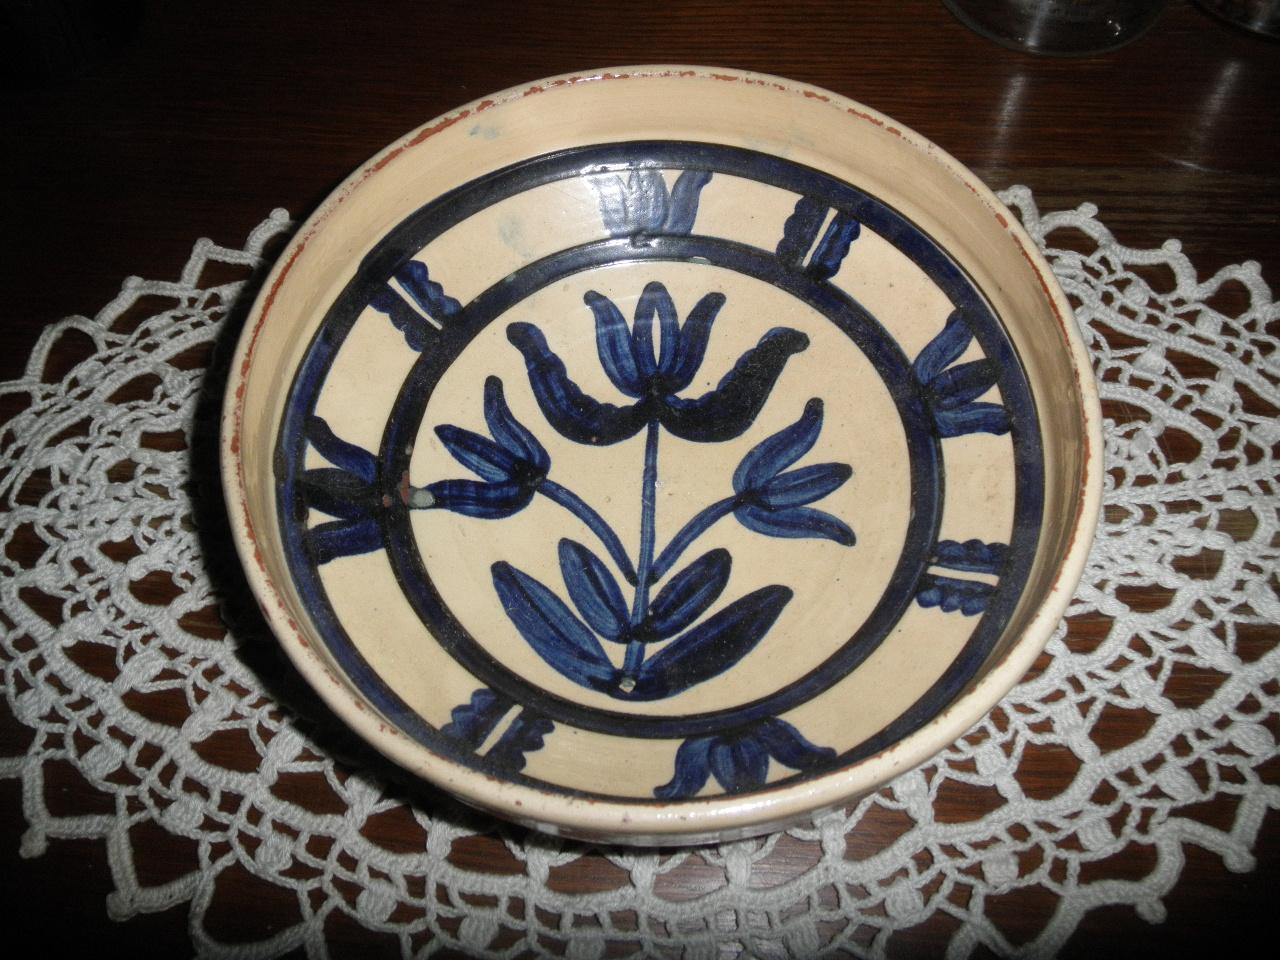 90 rocny tanier na stenu - Obrázok č. 1